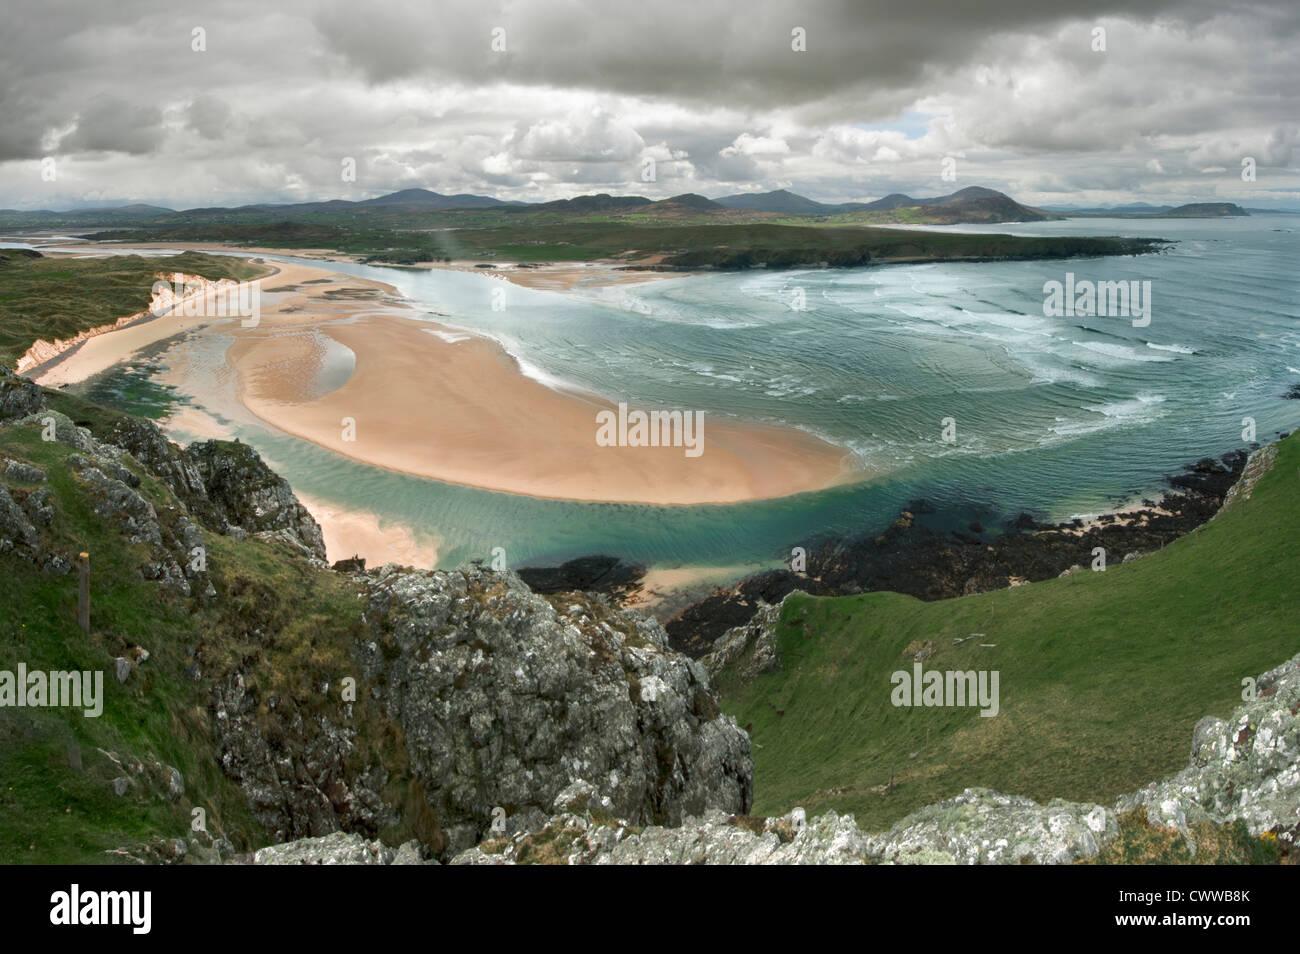 Vista aérea de la arena en la playa Foto de stock